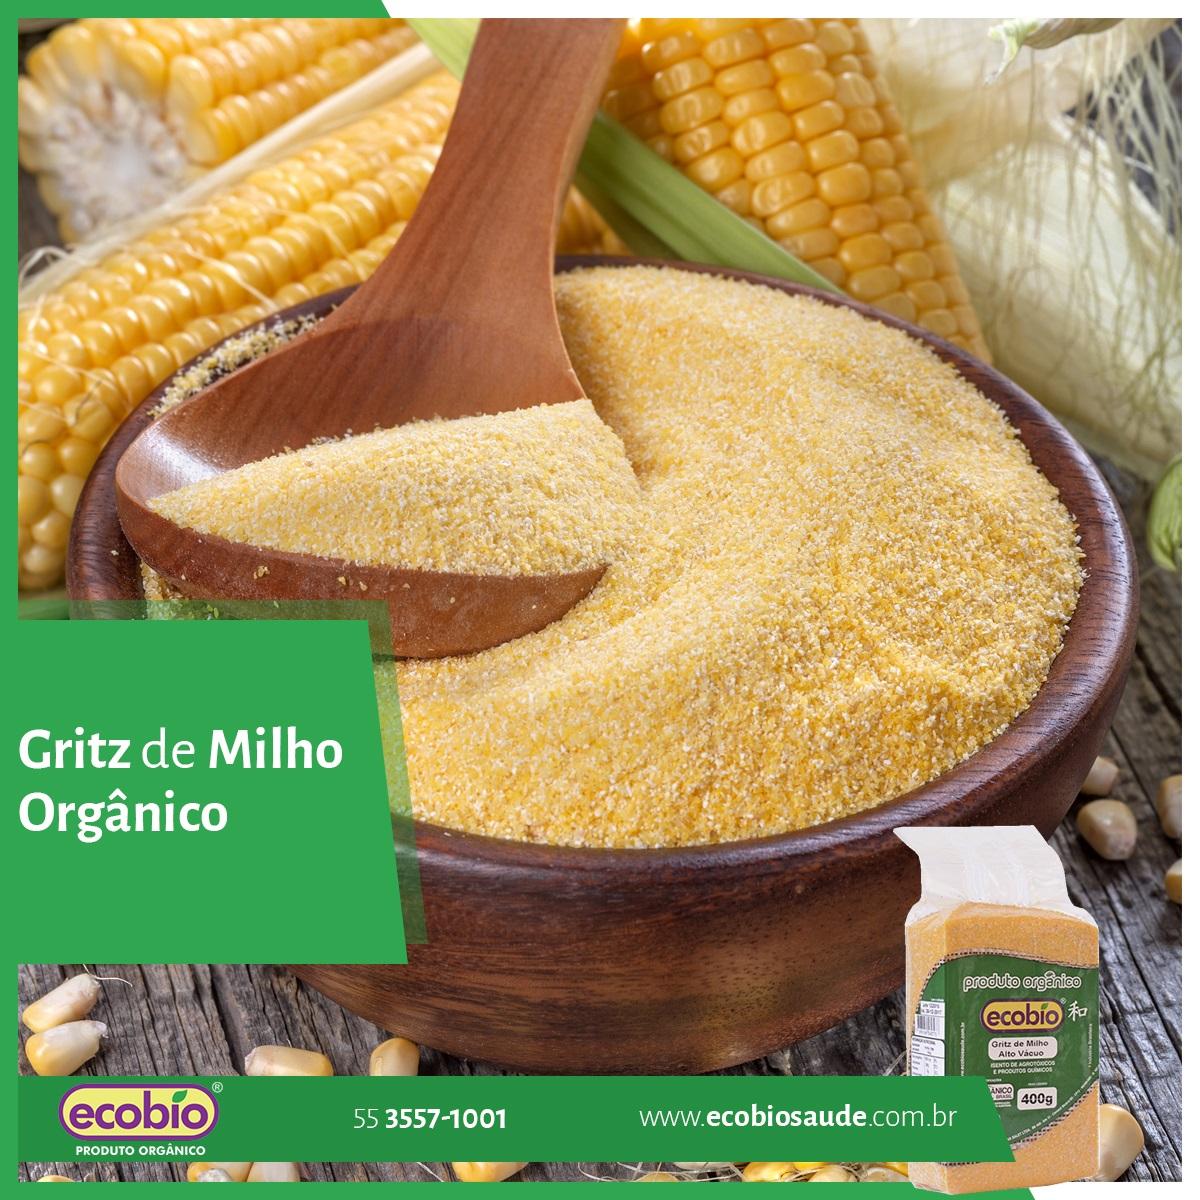 Gritz de Milho Orgânico